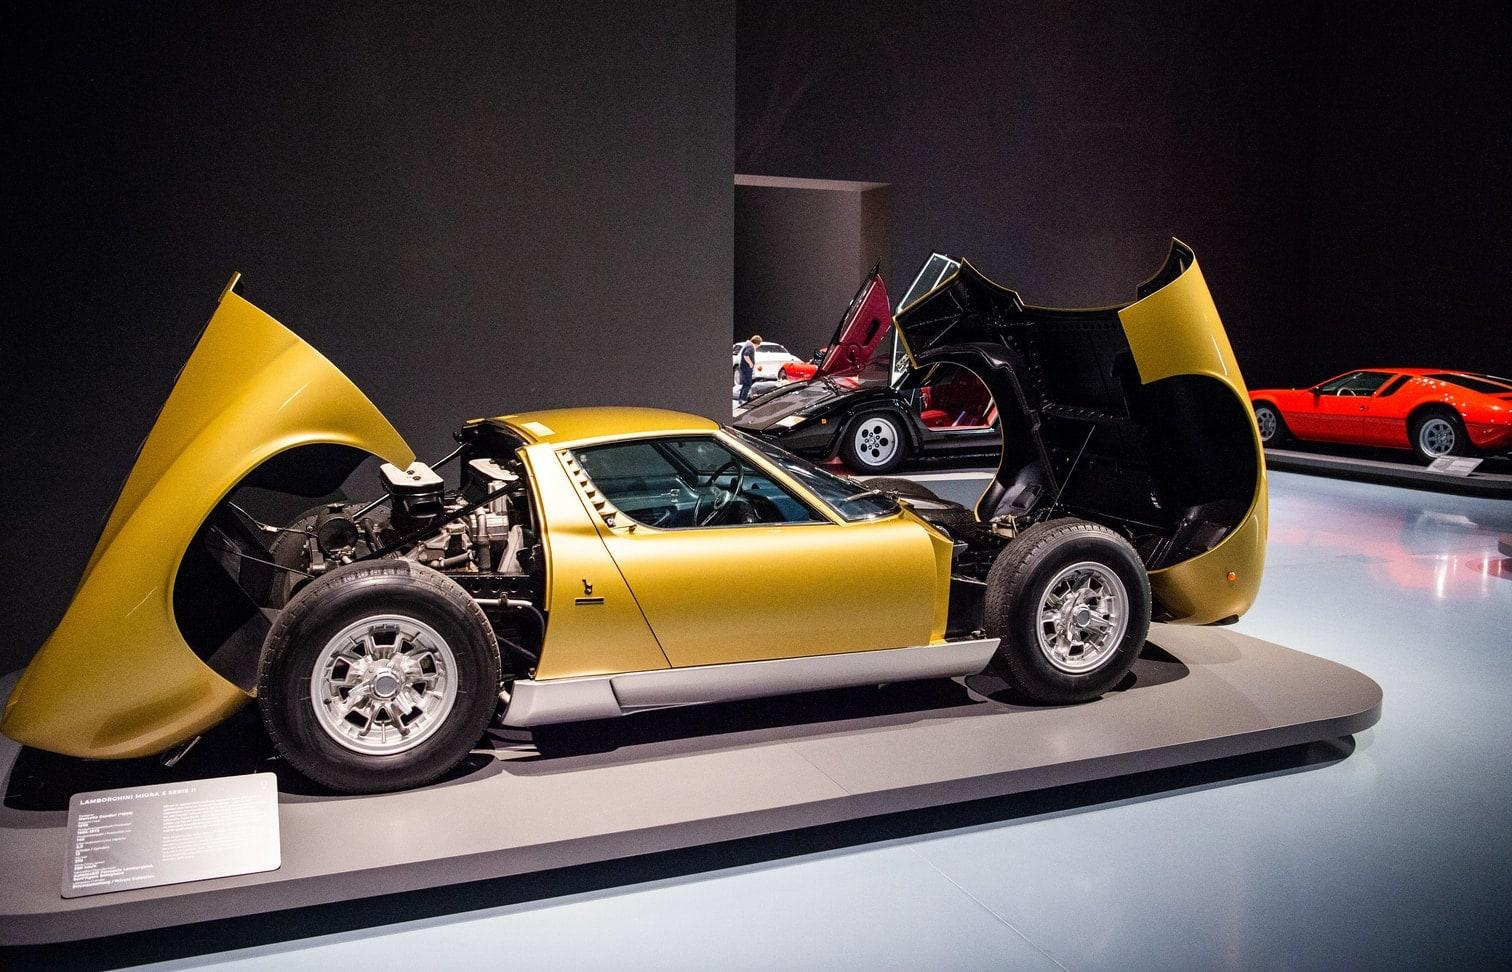 <p>Die Exponate stammen aus Privatbeständen und aus Sammlungen der Automobilunternehmen.</p> Foto: Christophe Gateau / dpa